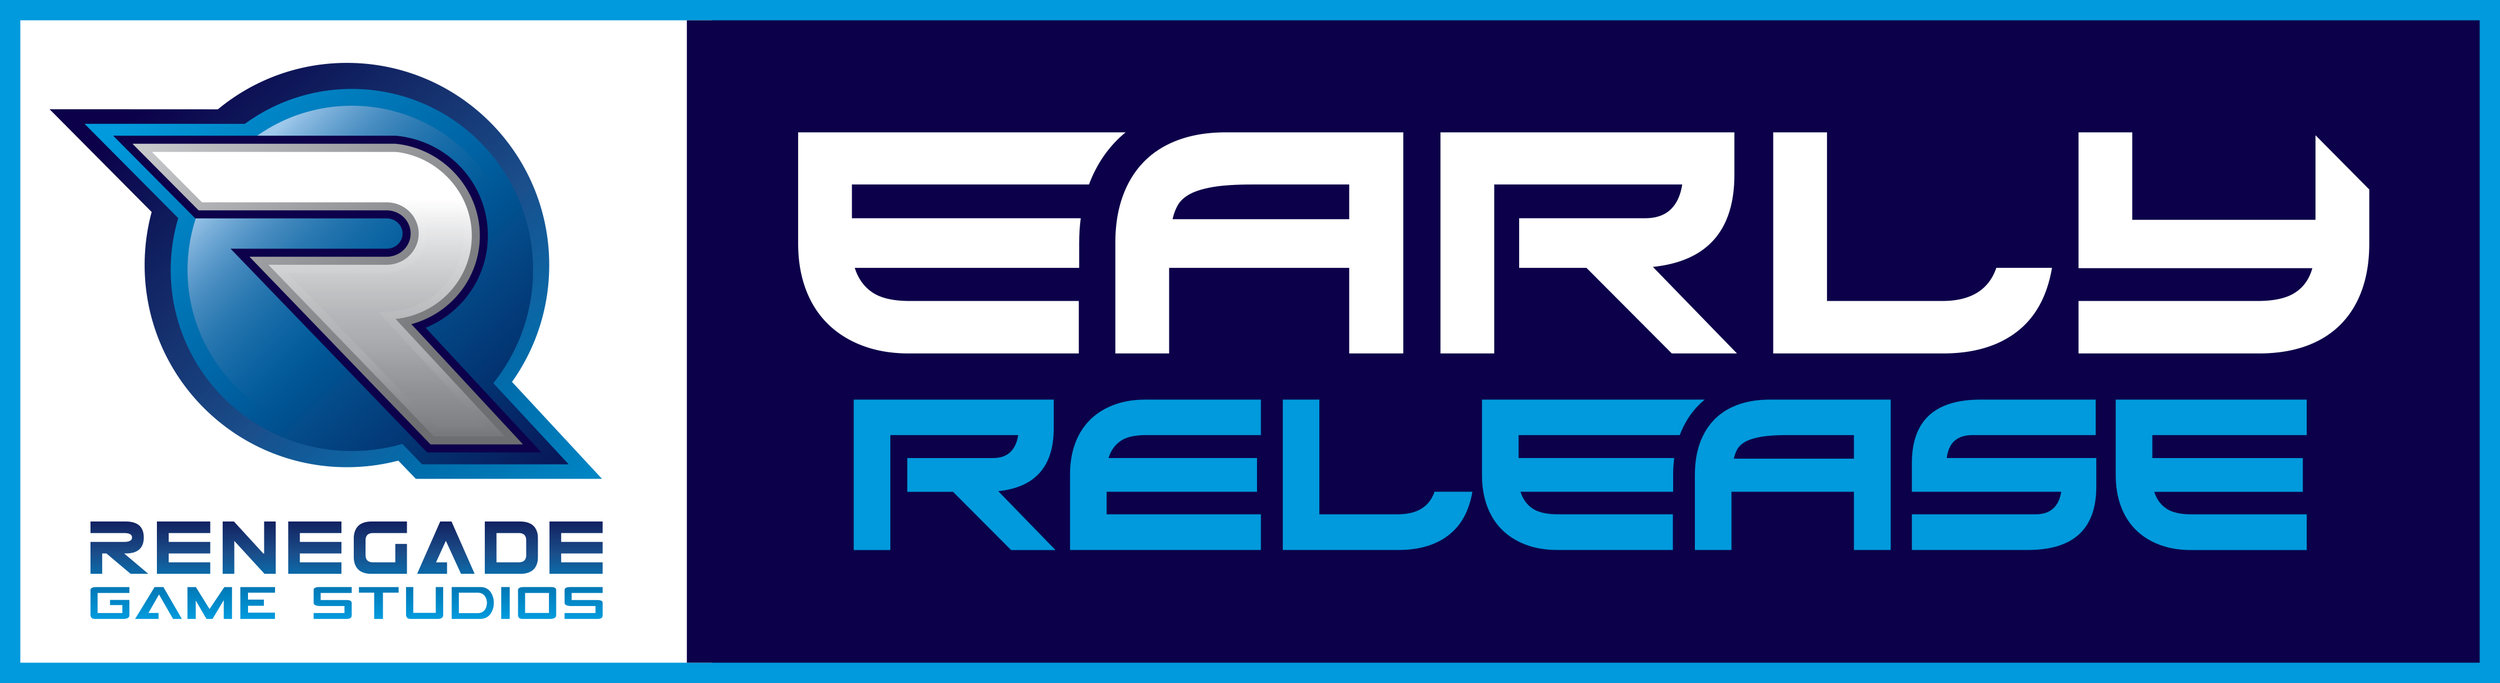 EARLY.RELEASE.HORZ.RGB.jpg